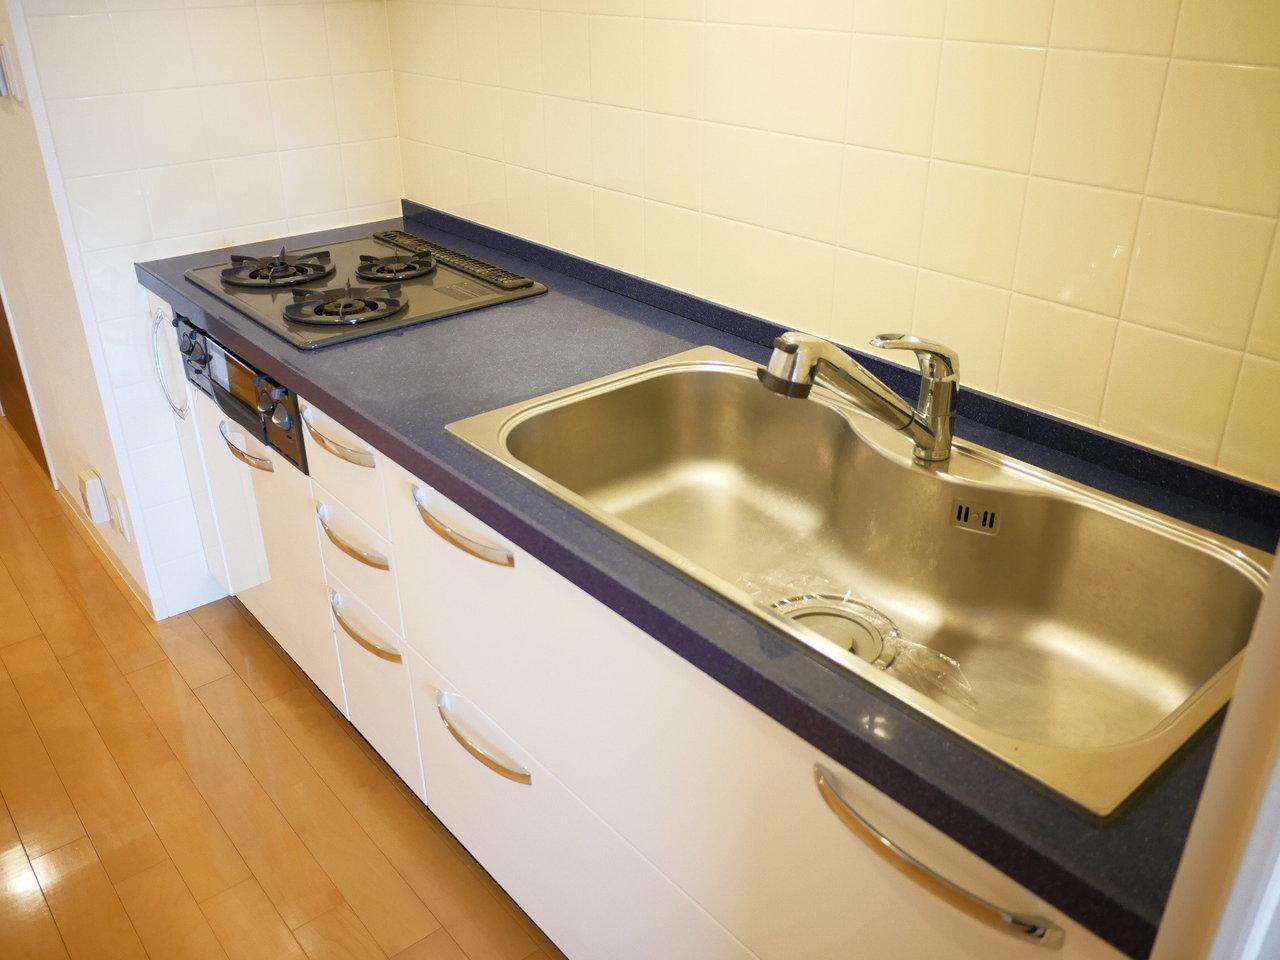 廊下にあるキッチンはネイビーとホワイトの2トーン!取手のディテールもよく見るとおしゃれです。1人暮らし向けのお部屋にしてはワイドサイズなので、自炊が自然と楽しくできそうですね。